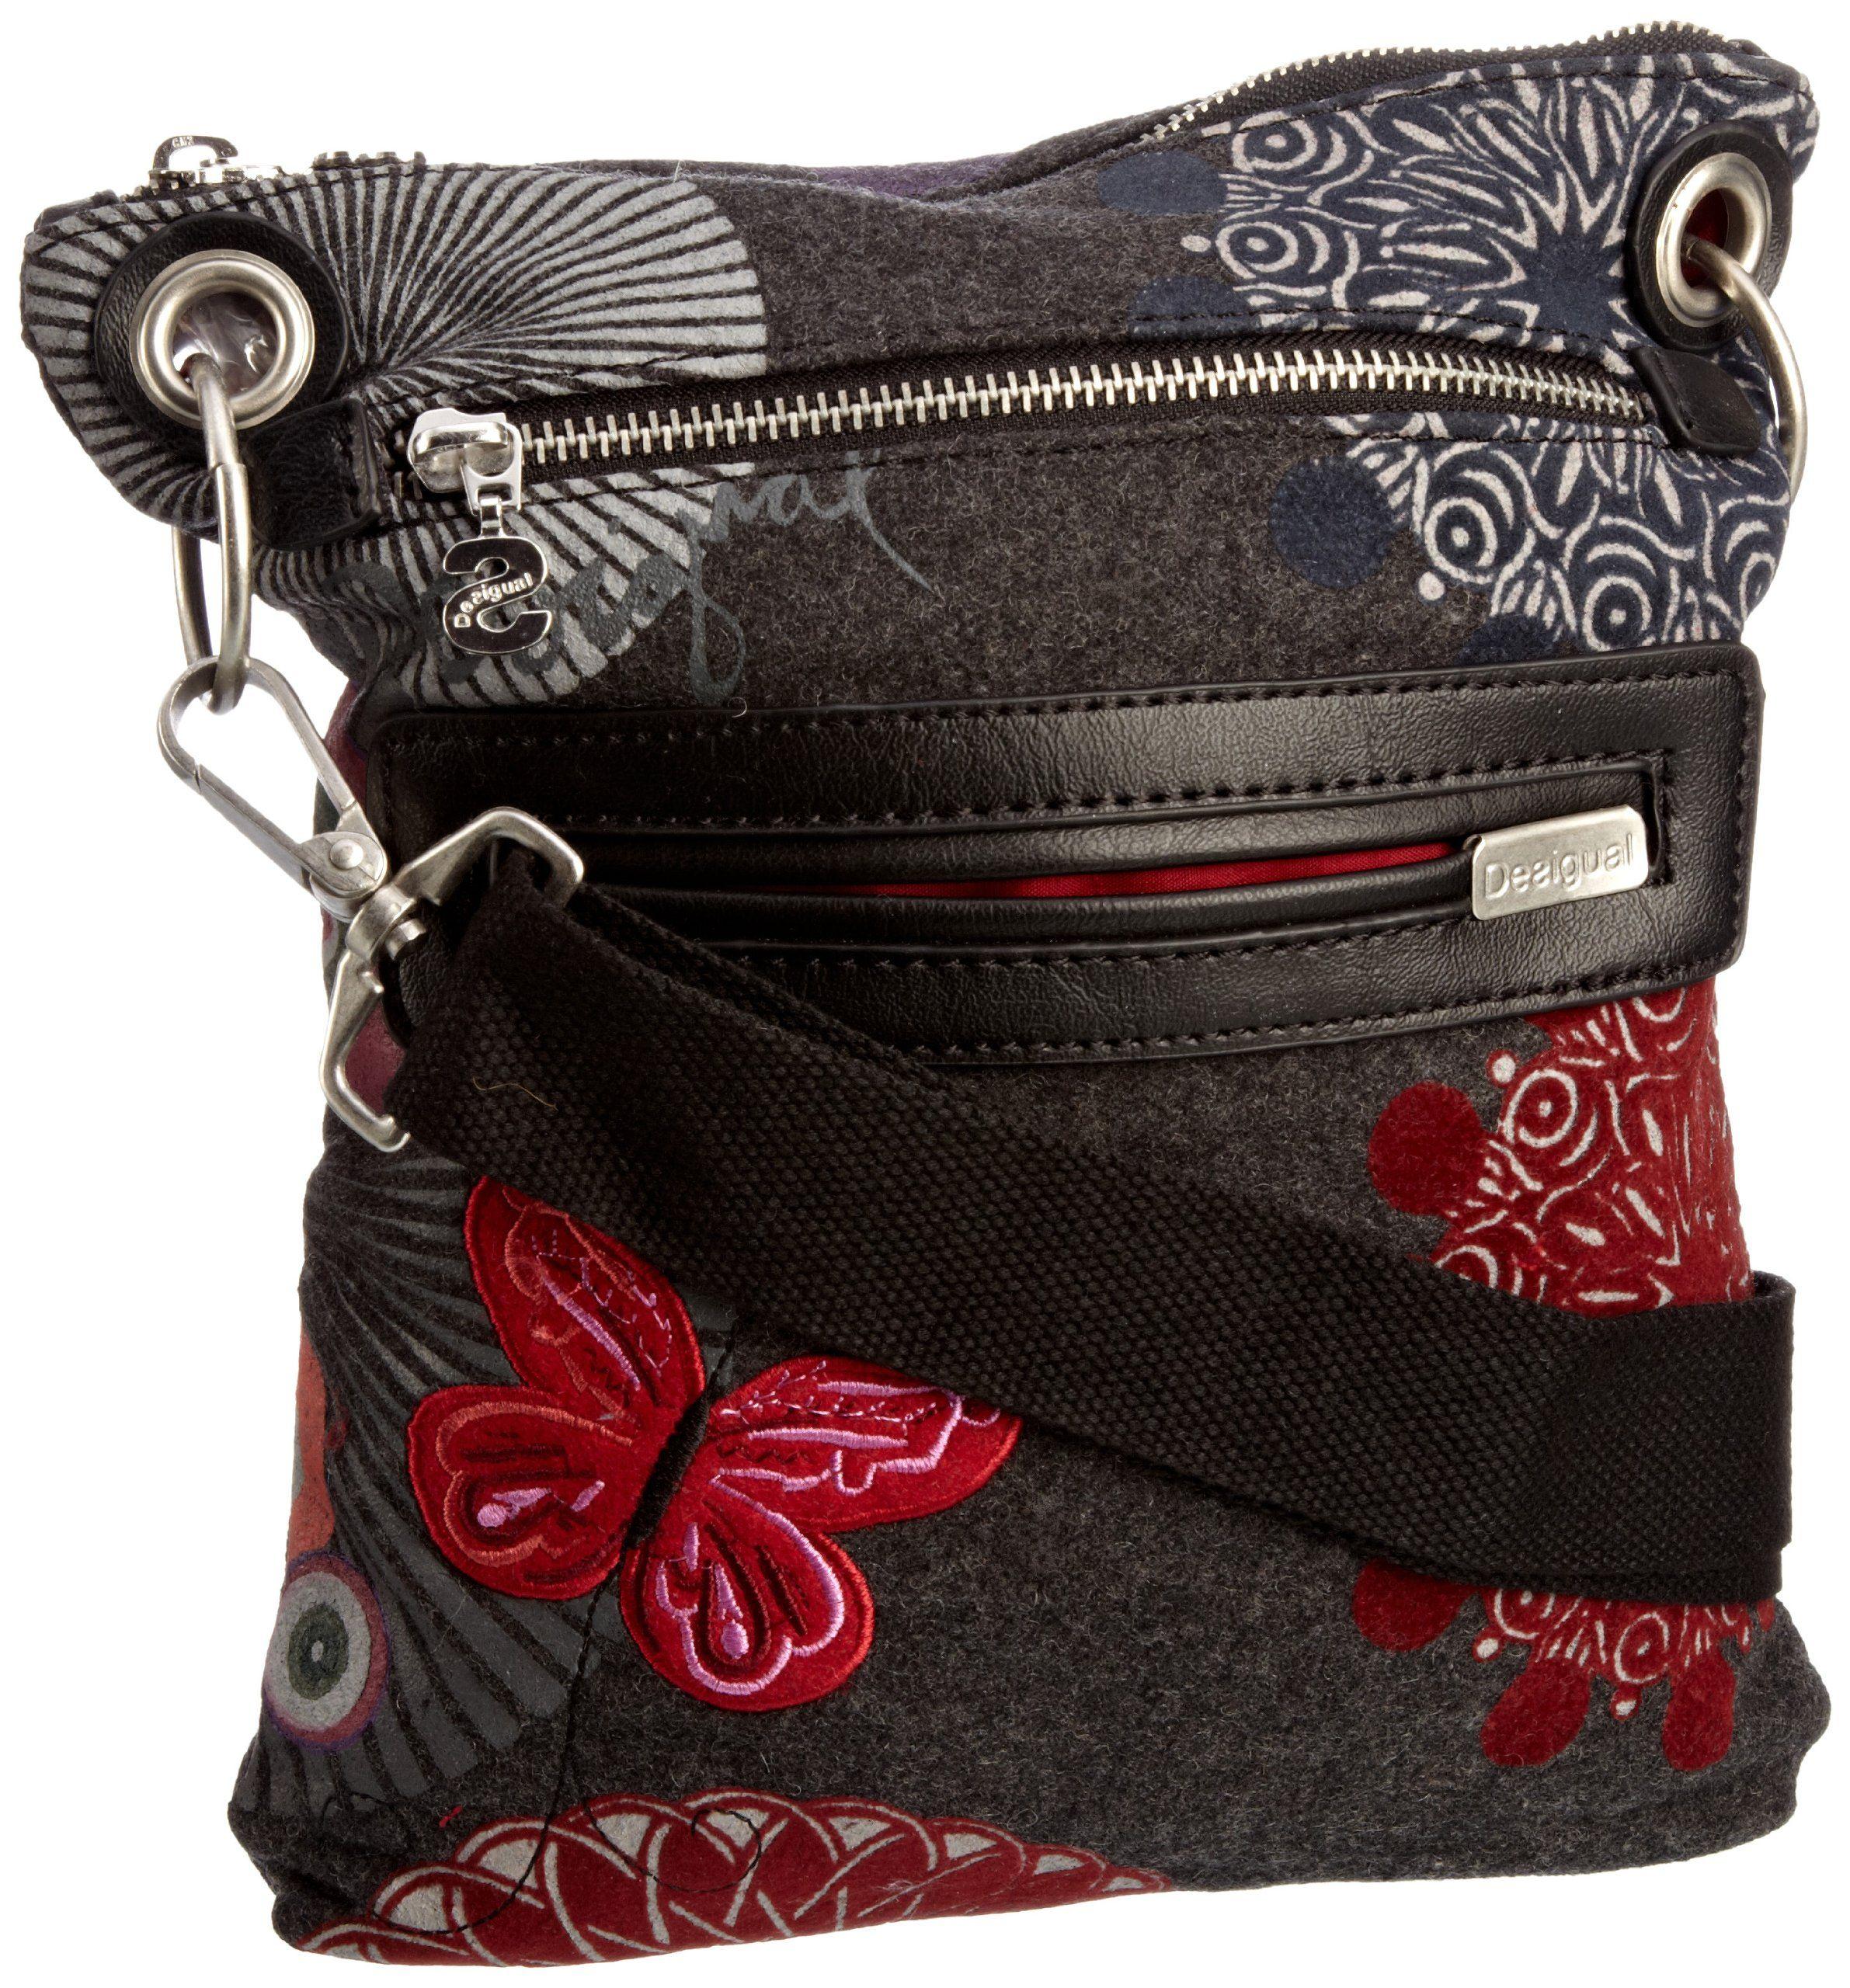 feb352b55 Desigual - Bolso bandolera de franela para mujer, color gris, talla 23x31x1  cm: Amazon.es: Zapatos y complementos